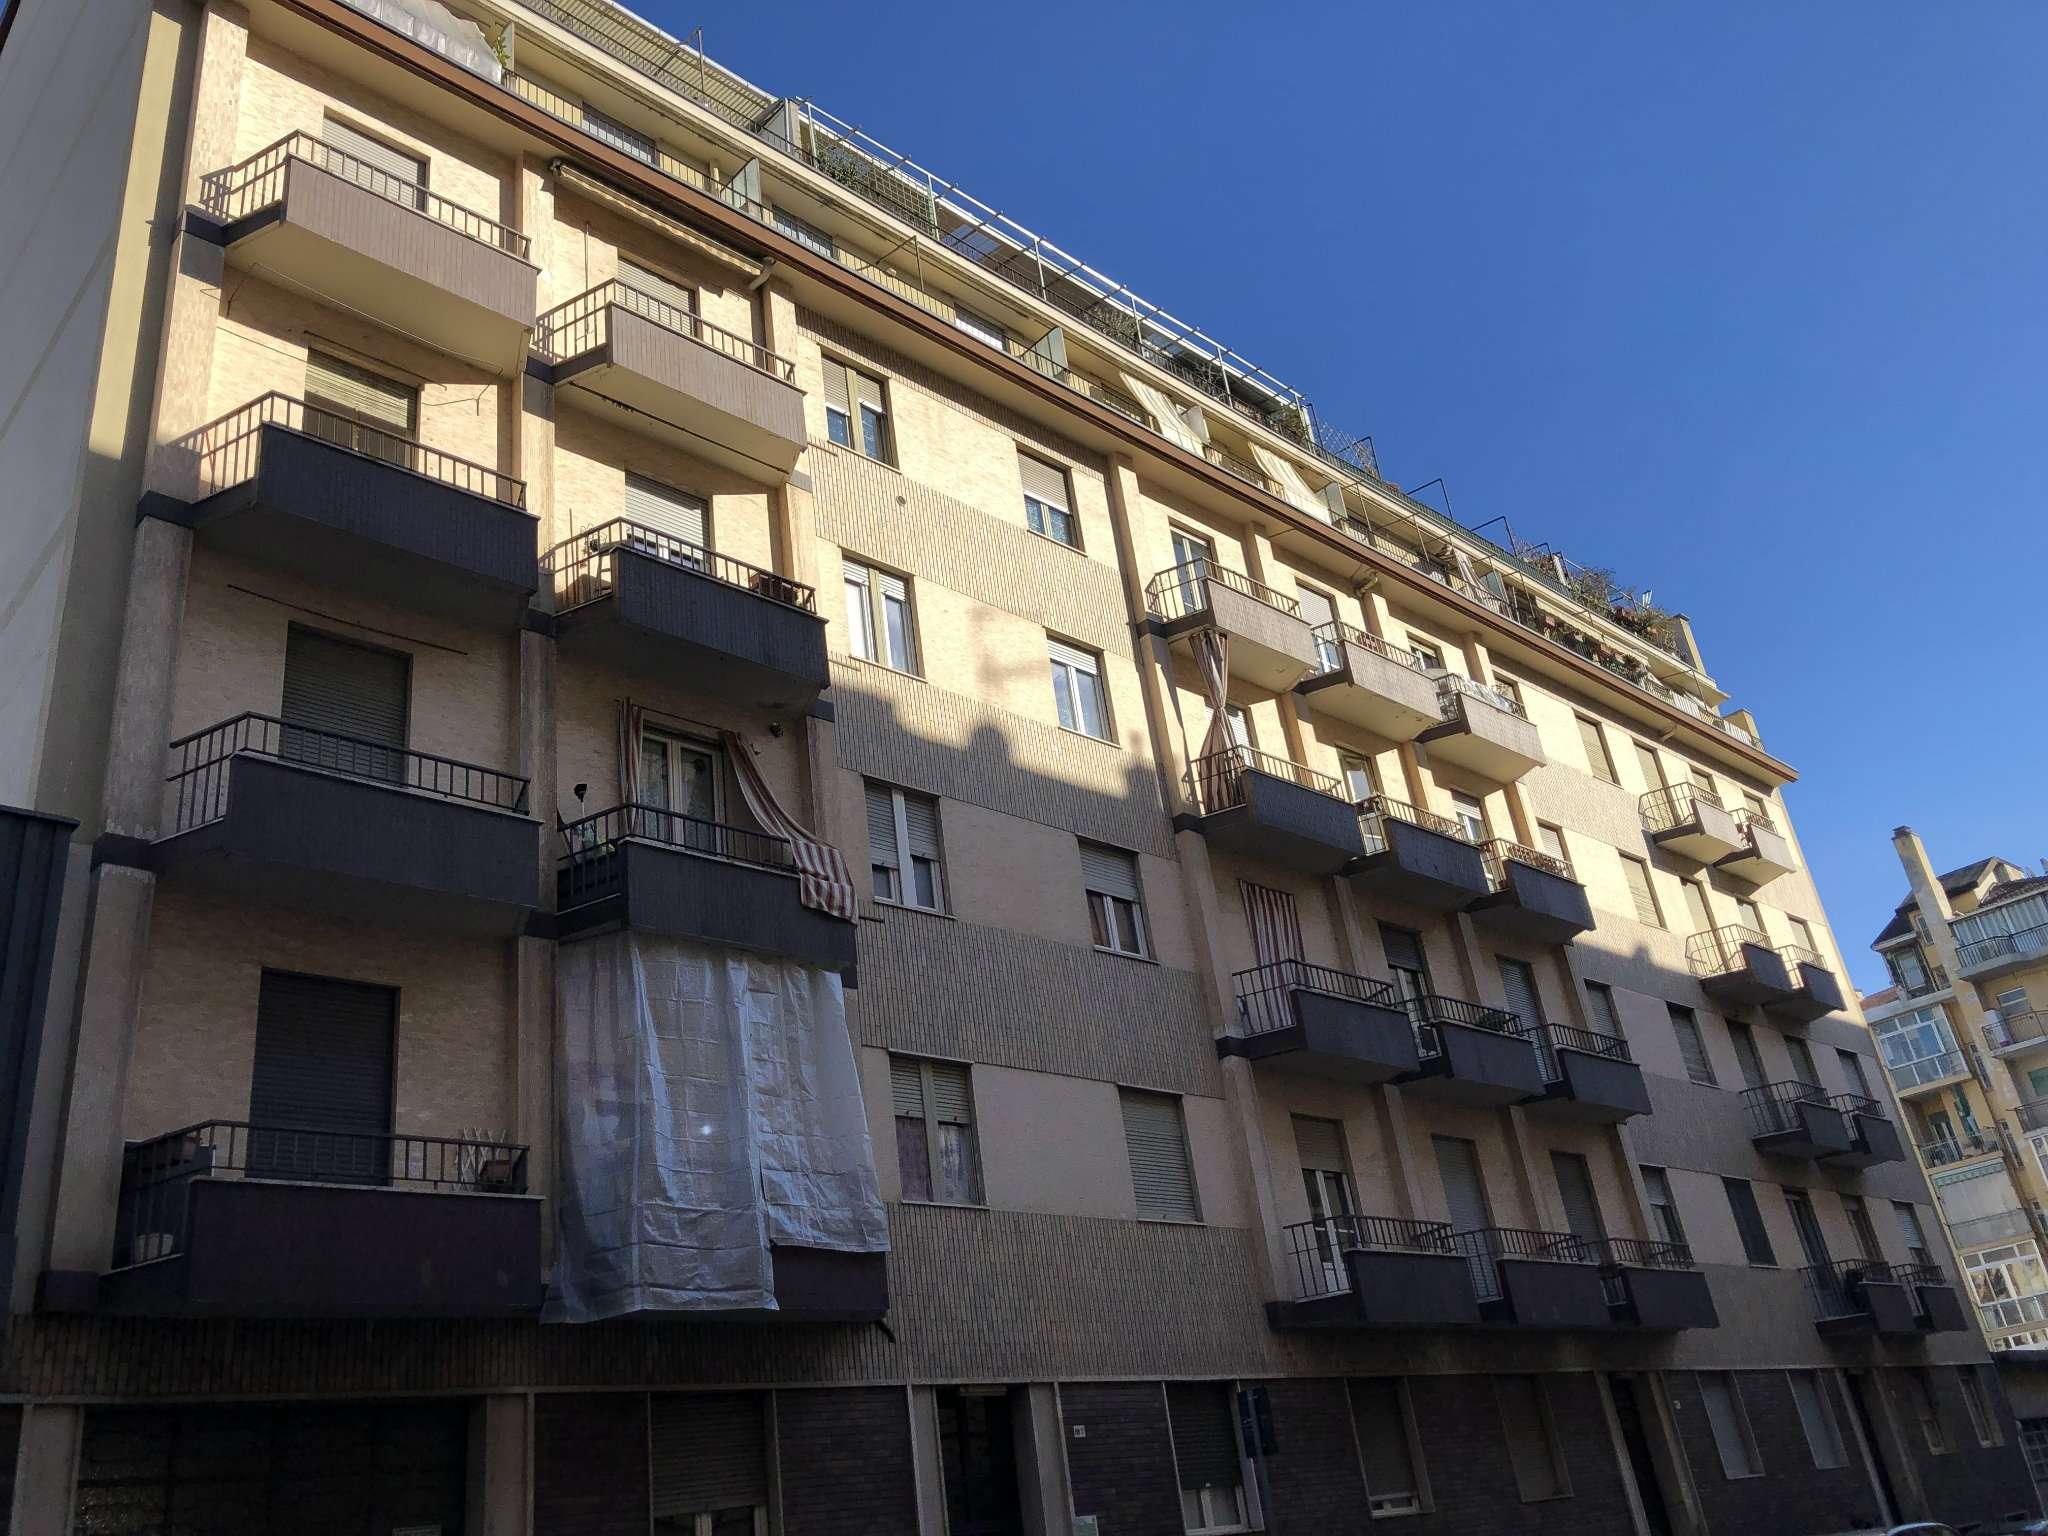 Foto 1 di Trilocale via Nizza 389, Torino (zona Lingotto)